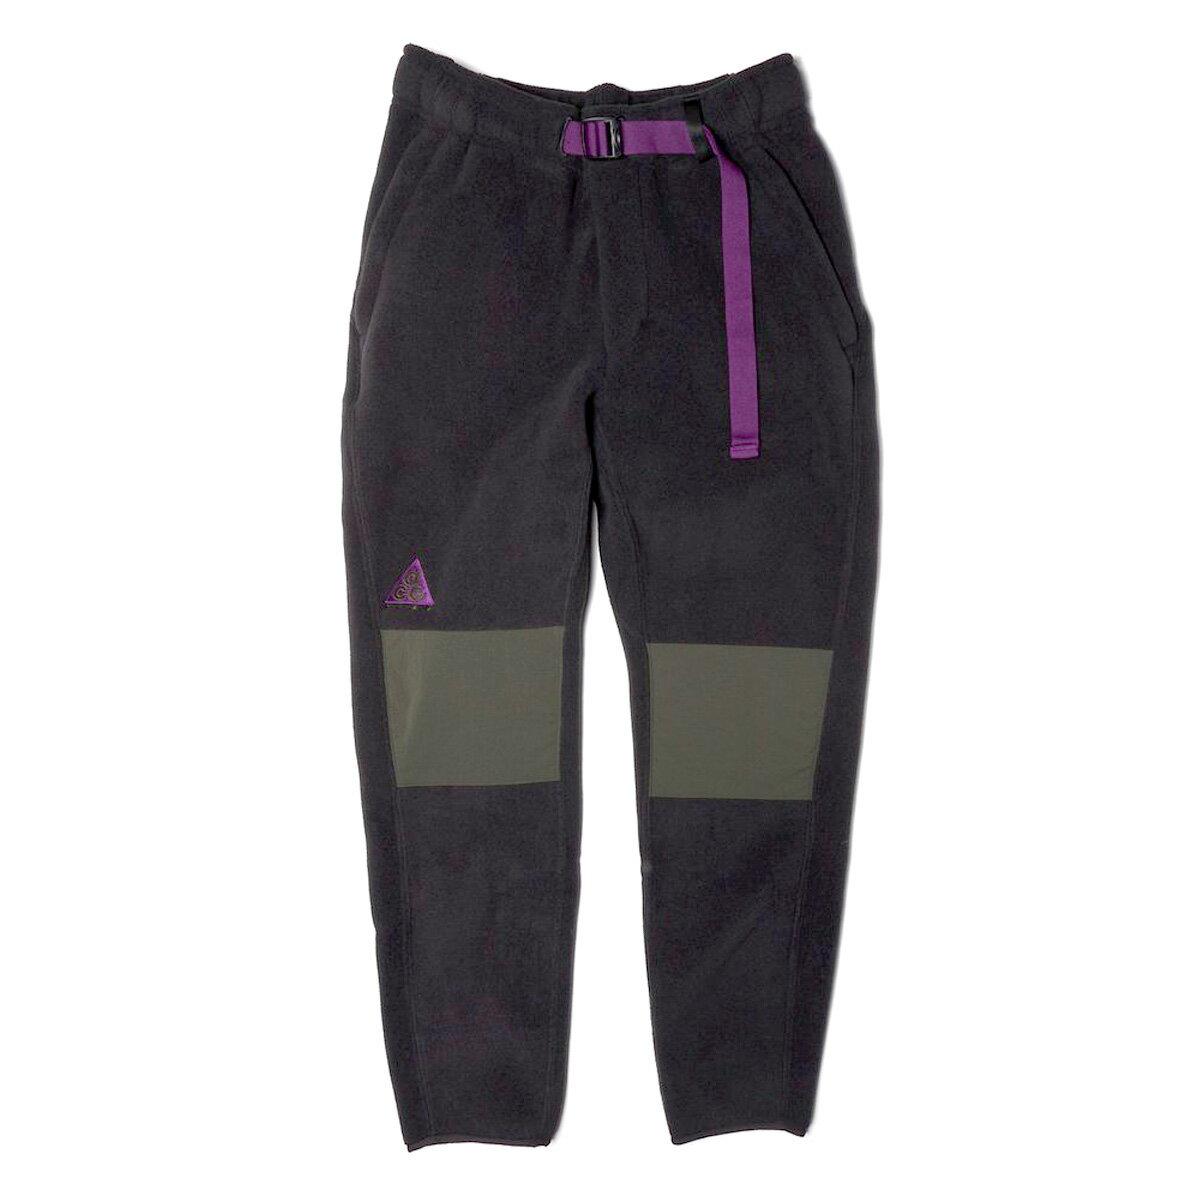 メンズファッション, ズボン・パンツ SALENIKELAB ACG SHERPA FLEECE PANT ACG BLACK aj2014-010